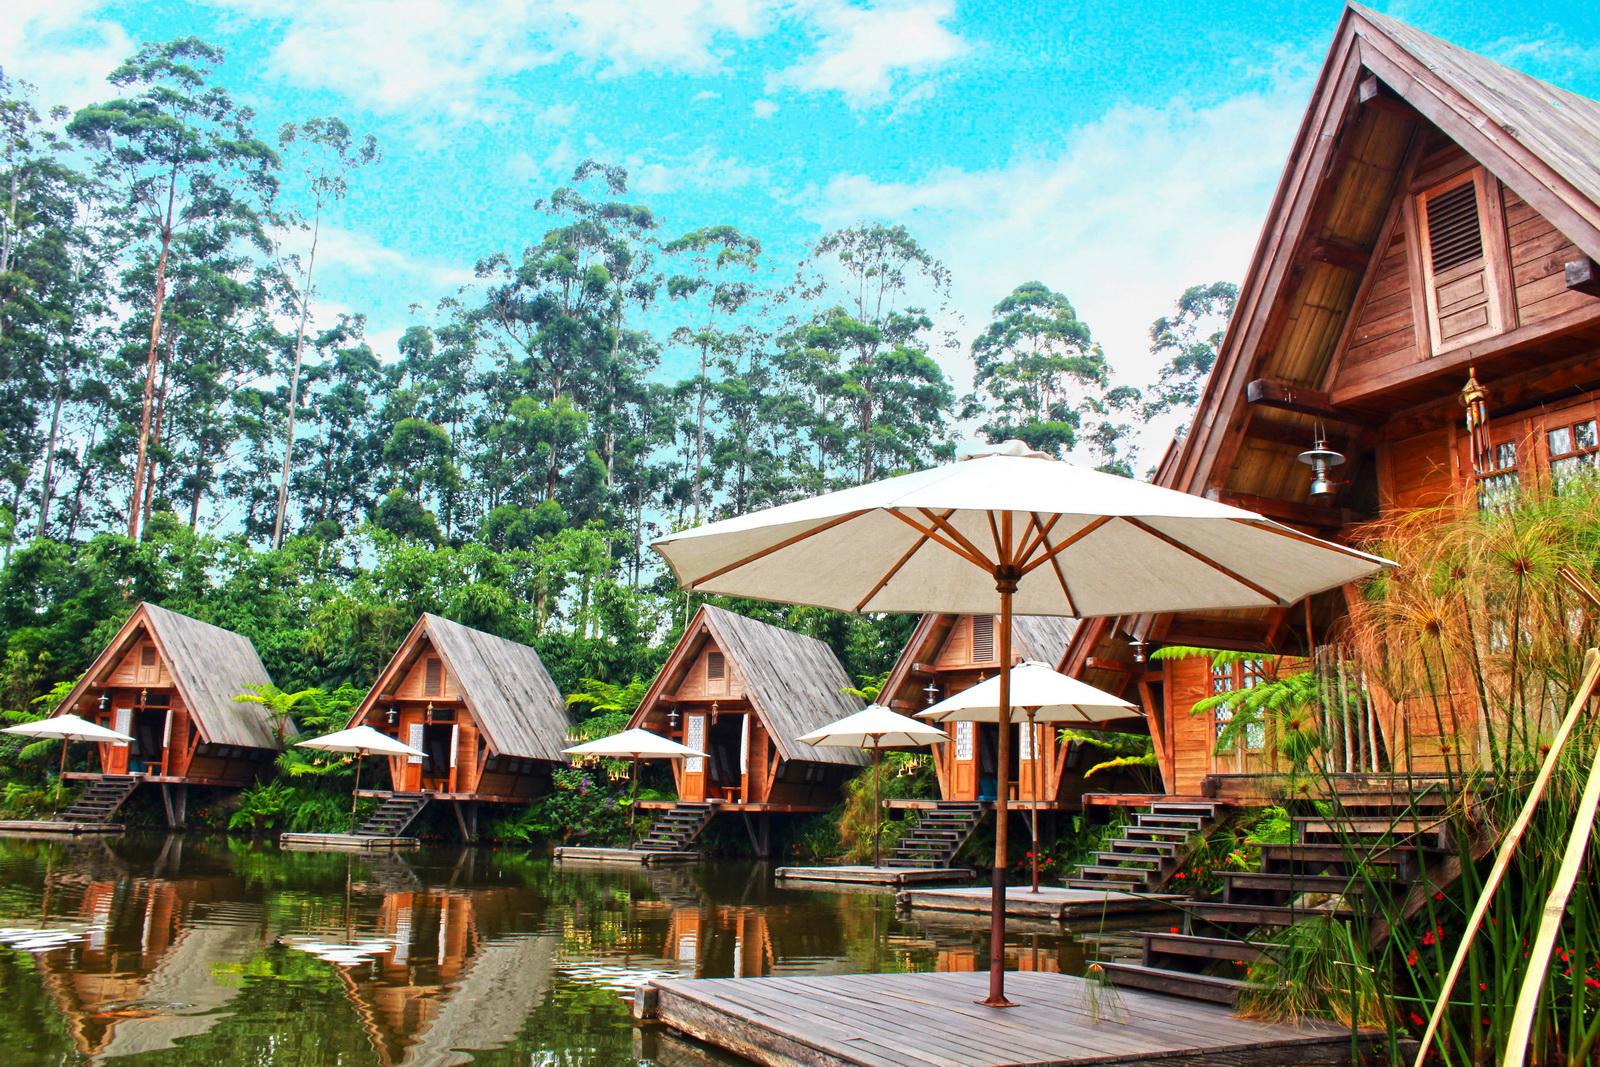 liburan keluarga di indonesia - yoexplore, Liburan Keluarga - YOEXPLORE.co.id